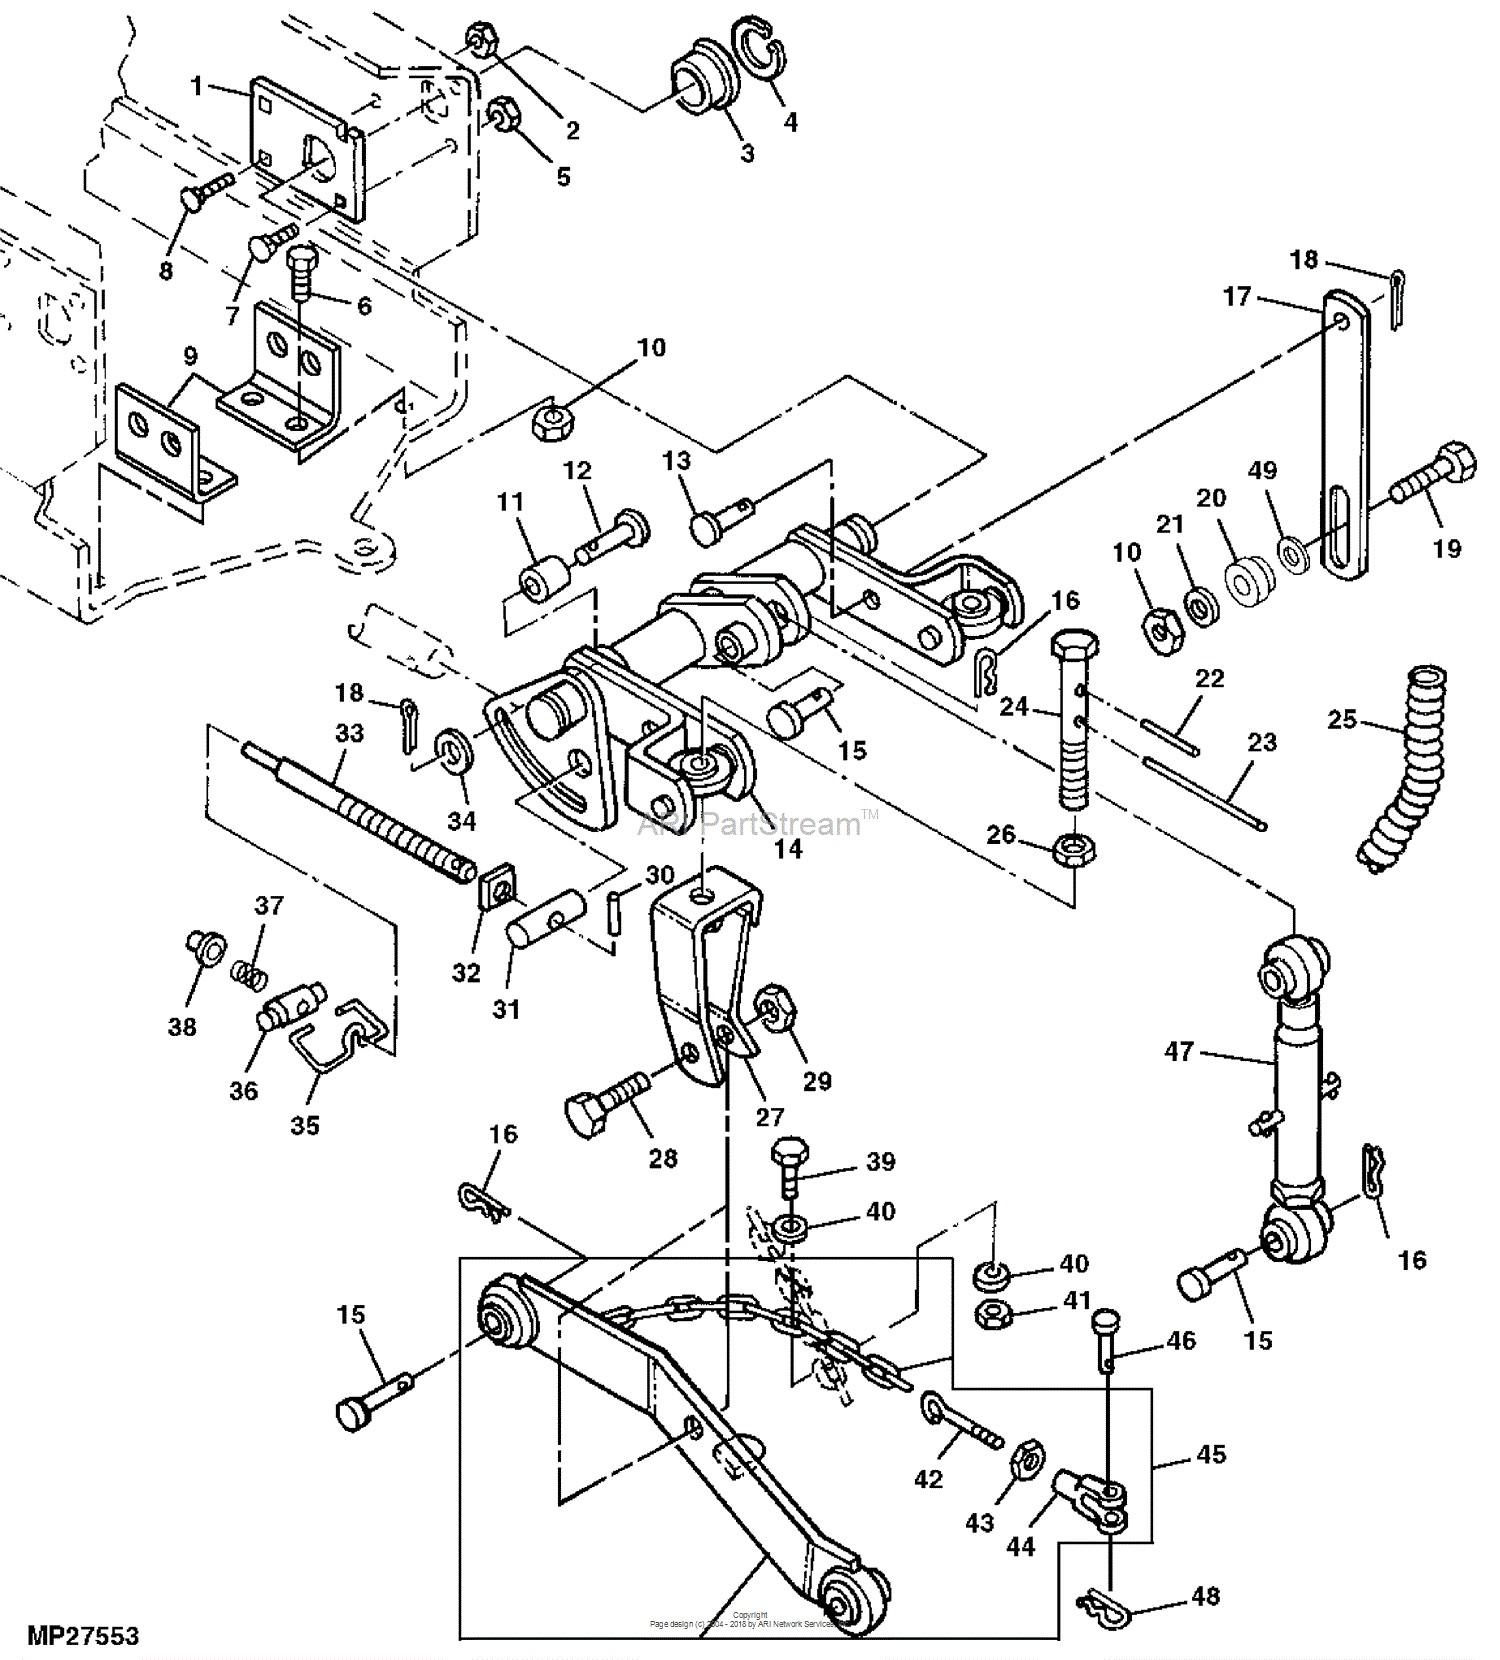 John Deere 2 Cylinder Engine Diagram John Deere Parts Diagrams John Deere X465 Garden Tractor Pc9109 Of John Deere 2 Cylinder Engine Diagram